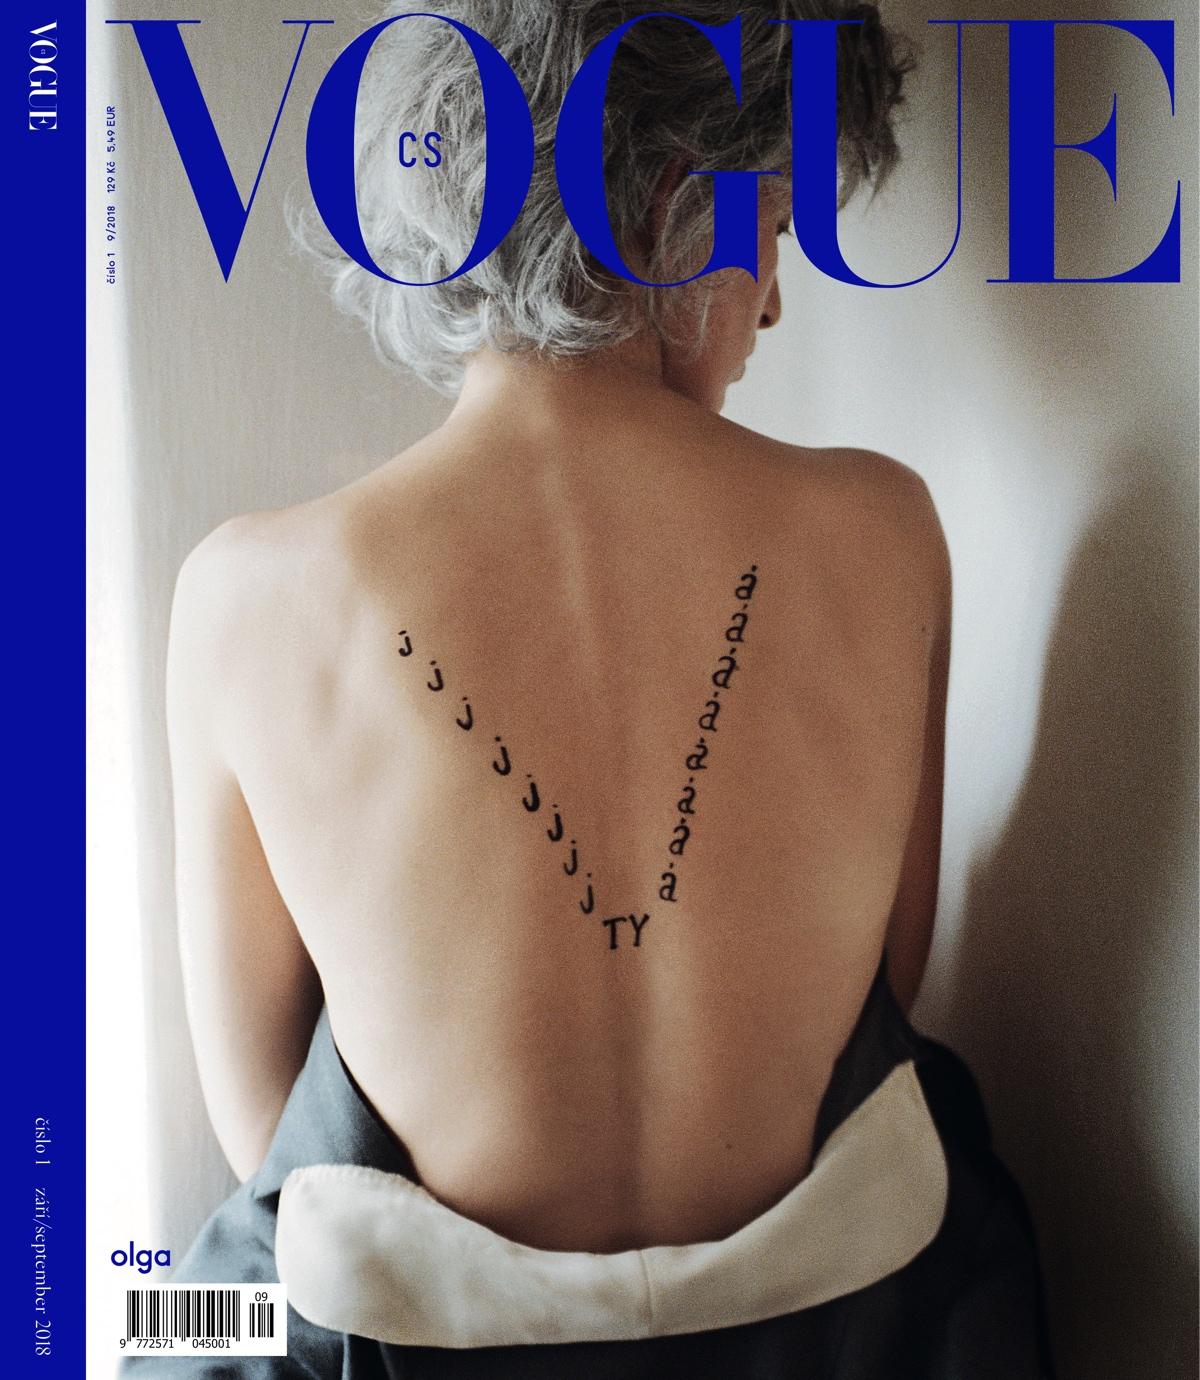 Obálka prvního čísla Vogue CS: modelka Karolína Kurková jako Olga Havlová